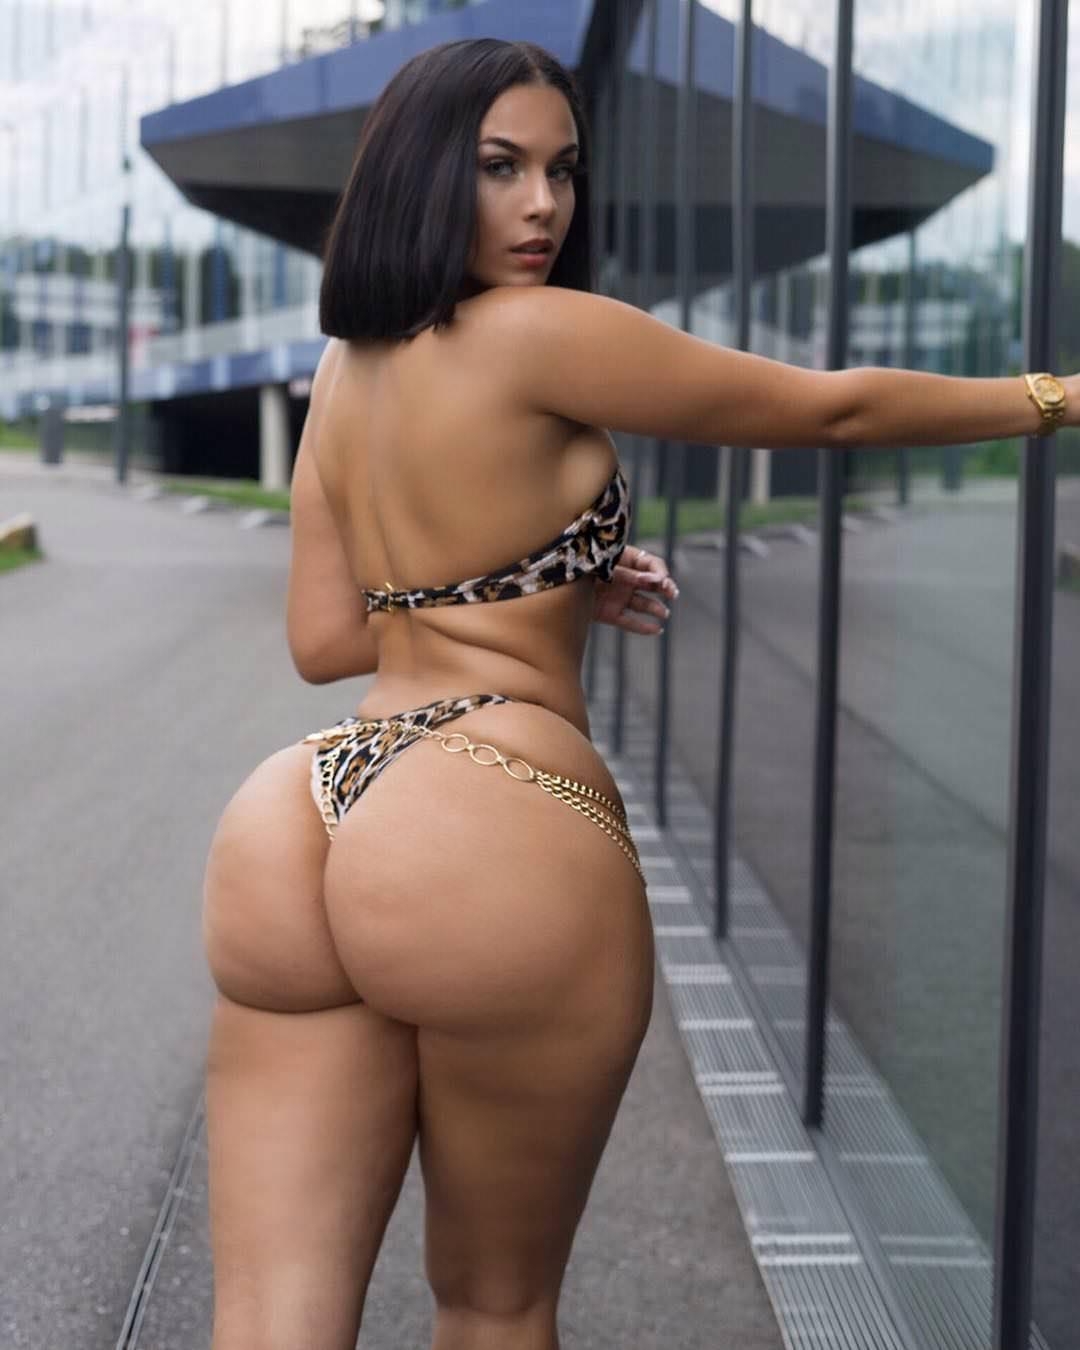 Latina Big Tits And Ass